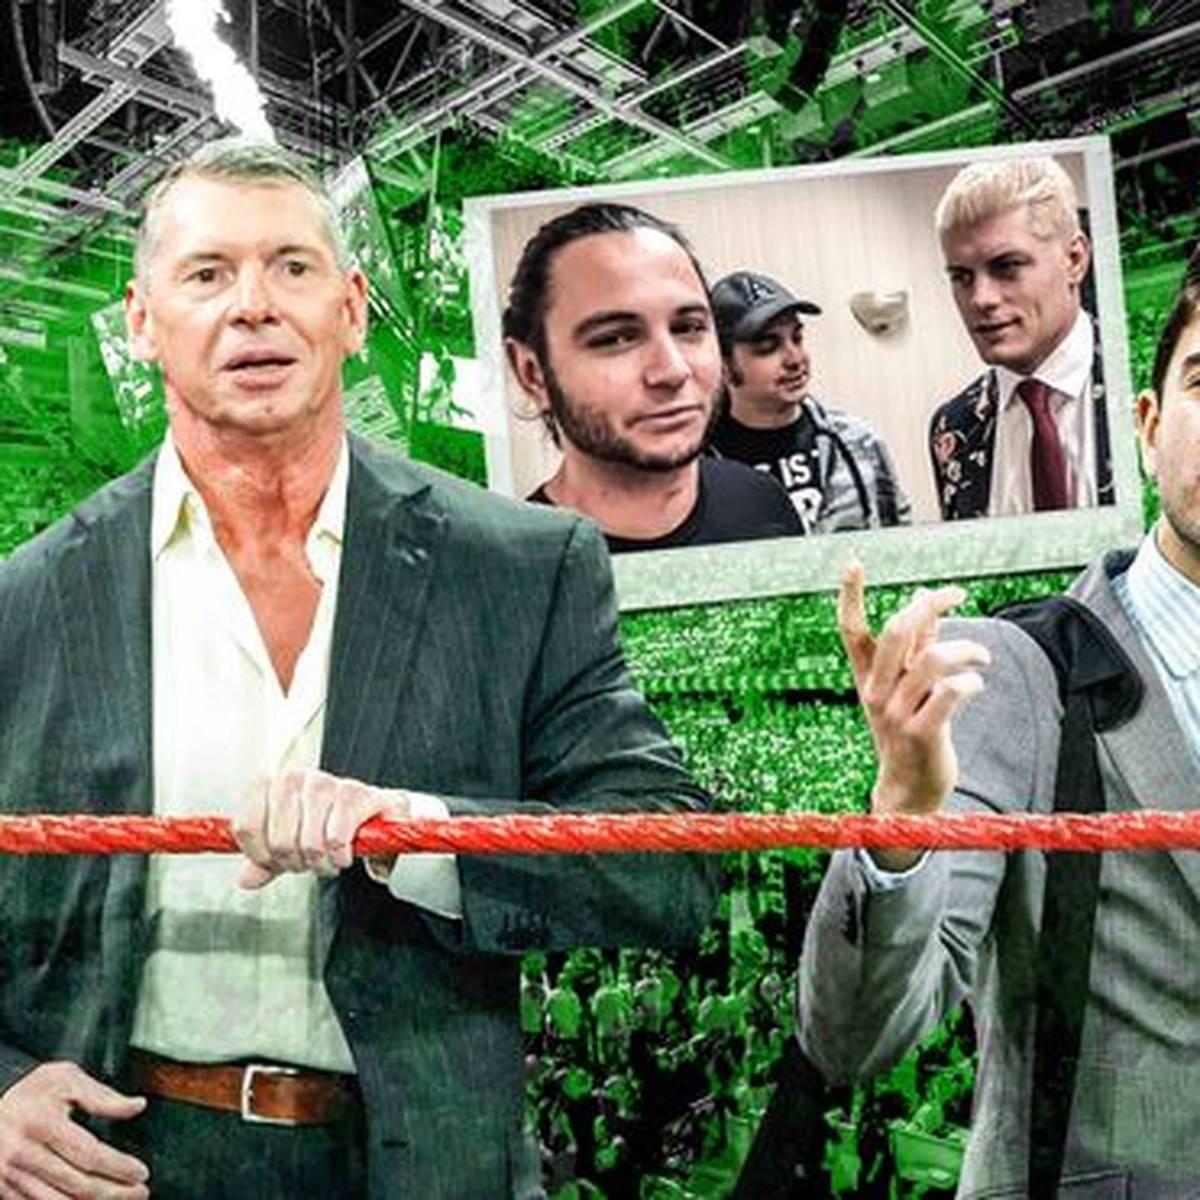 Aew All Elite Wrestling Das Ist Der Neue Wwe Rivale